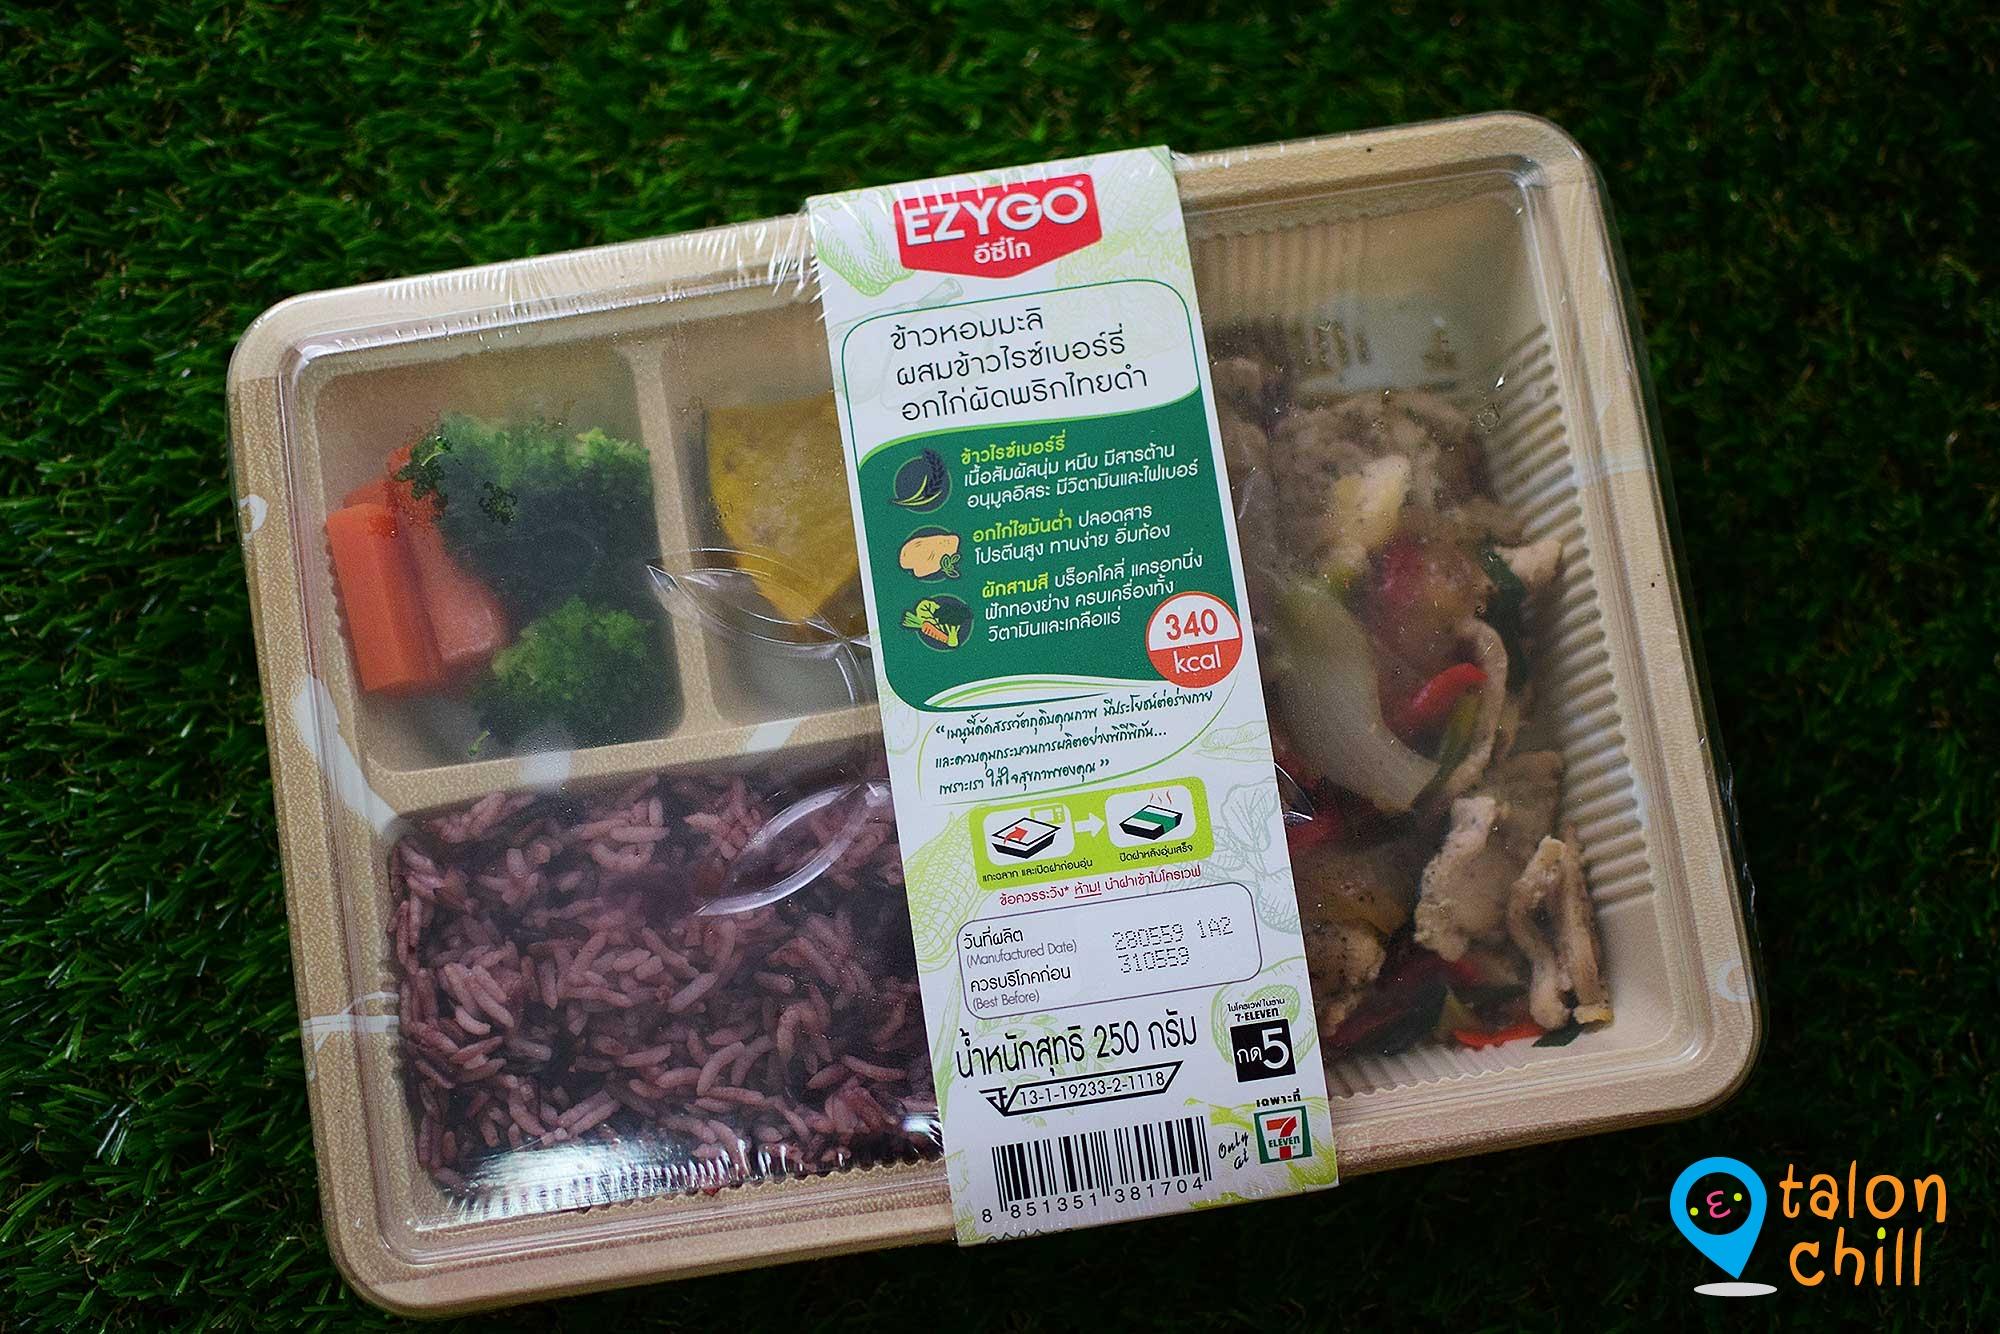 [รีวิวของกิน 7-11] EZYGO (อีซี่โก) ข้าวหอมมะลิผสมข้าวไรซ์เบอร์รี่อกไก่พริกไทยดำ